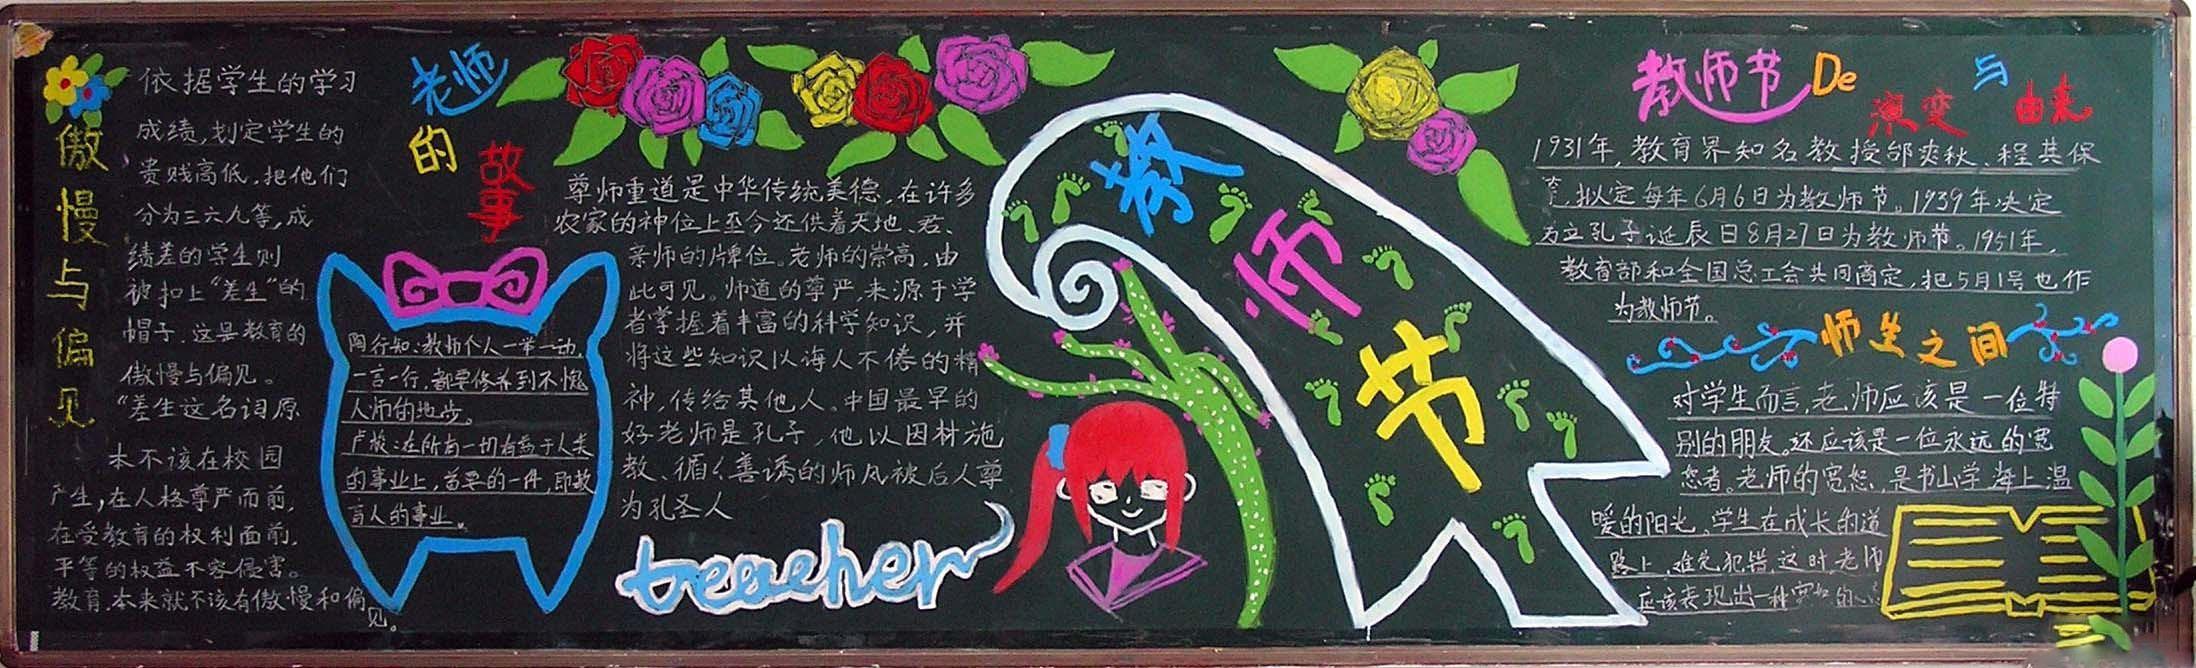 七年级初中生教师节黑板报内容